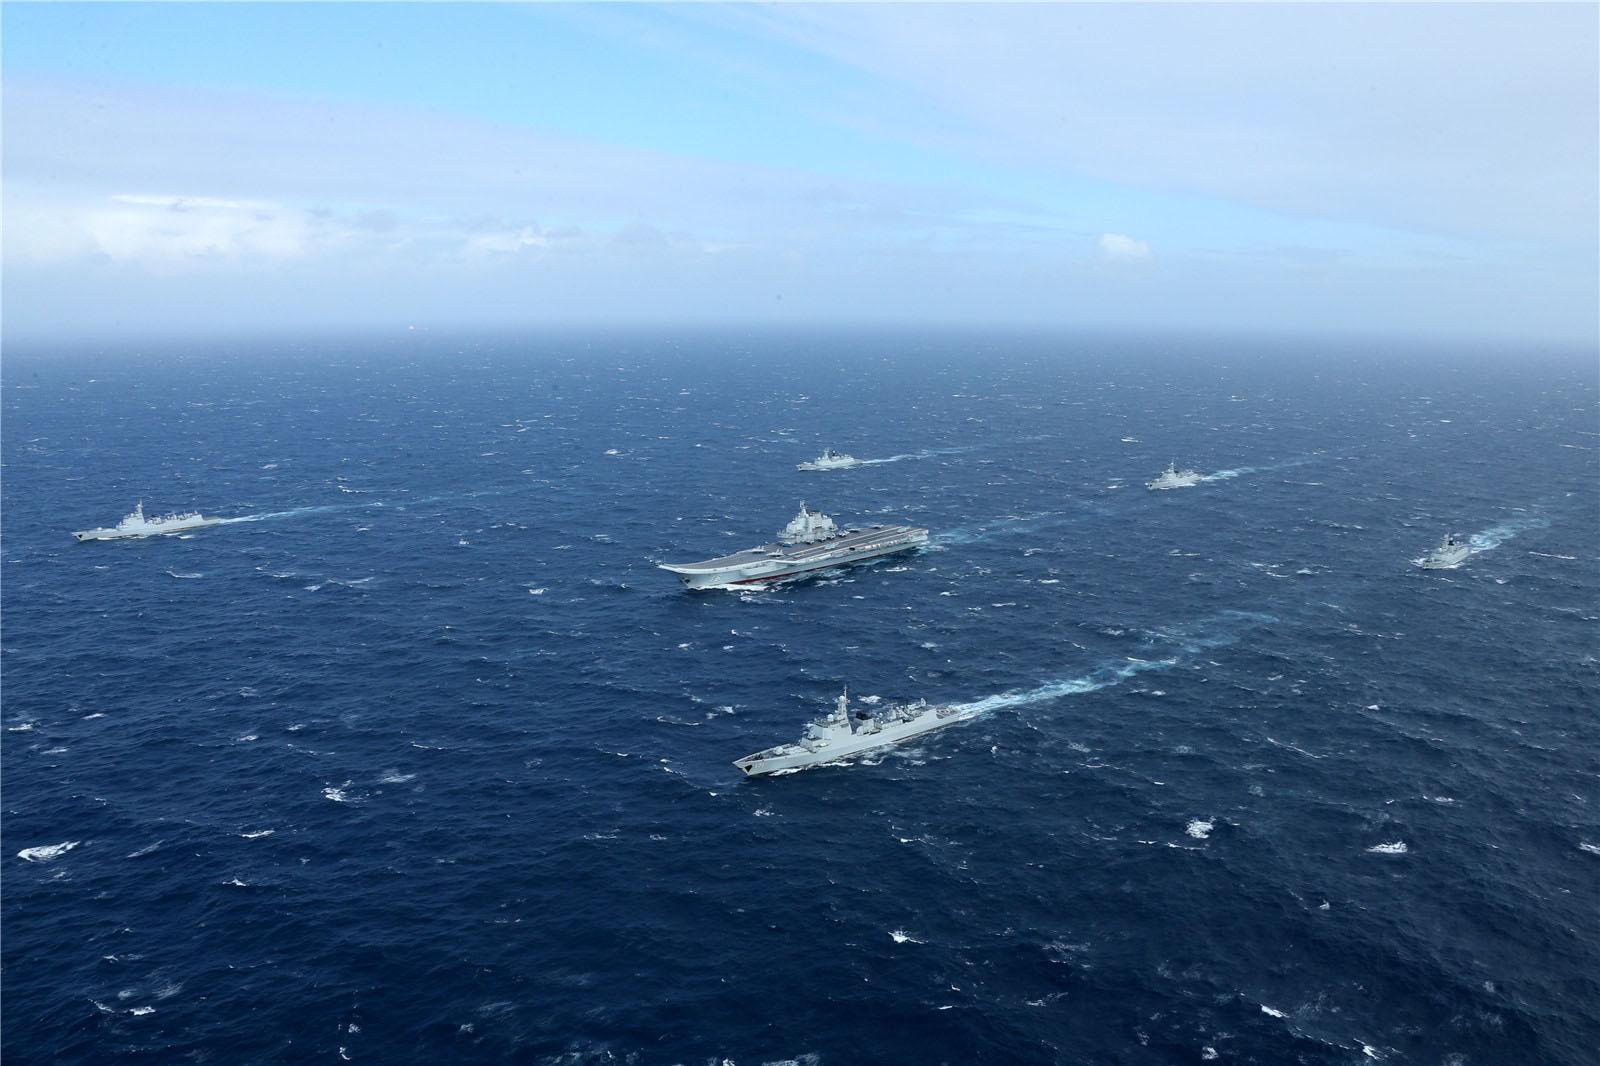 辽宁号航母穿越台湾海峡恫吓蔡英文?国台办回应